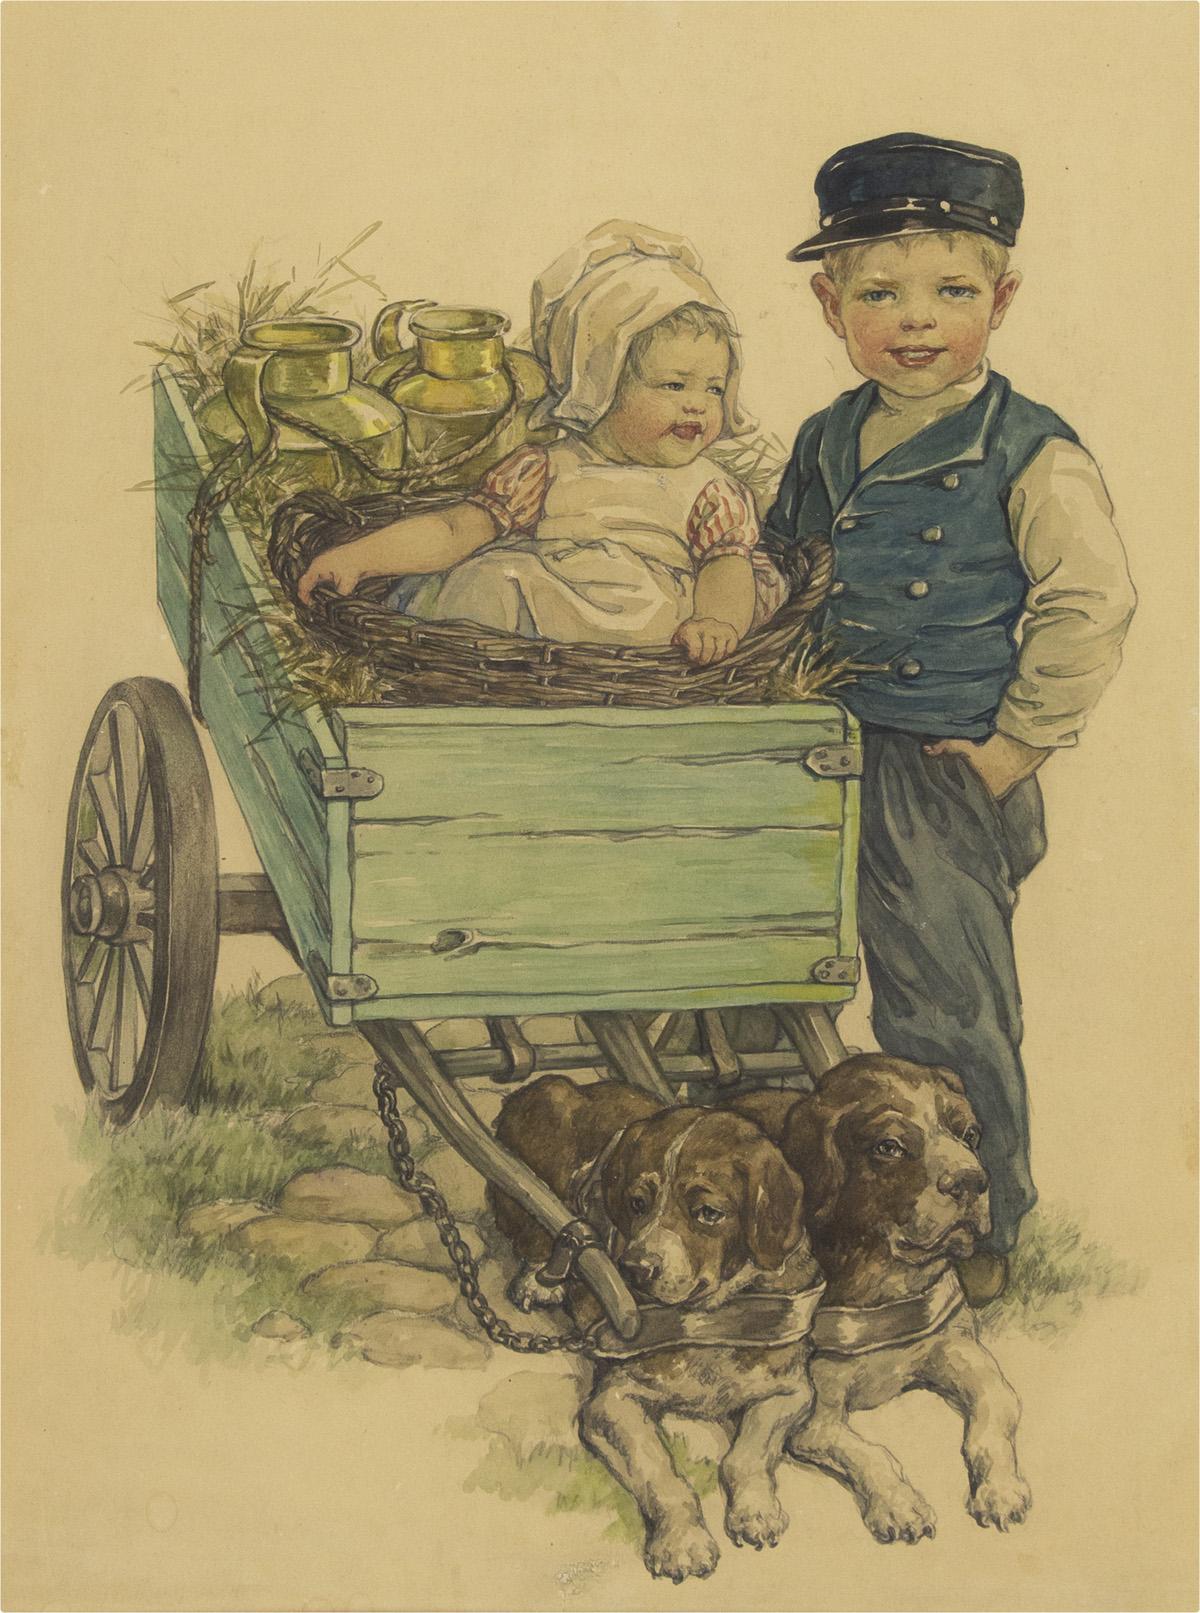 CLARA-MILLER-BURD-Children-with-a-Dog-Cart-[CHILDRENS]